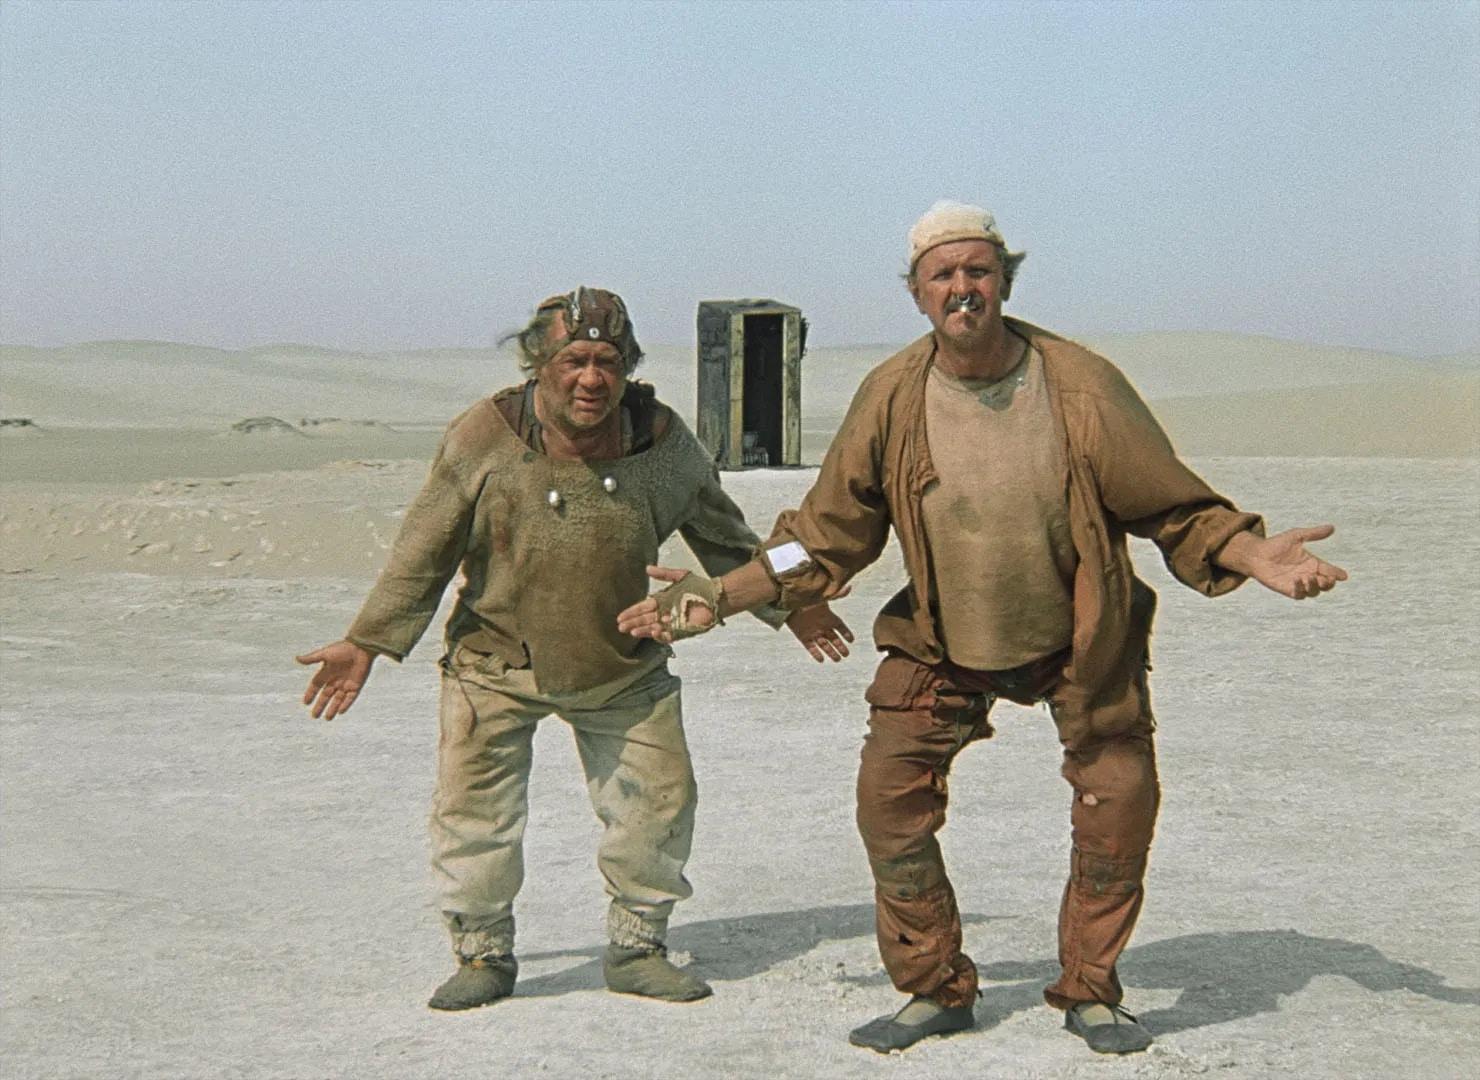 In dieser Szene von Kin-Dza-Dza stehen die beiden menschenähnlichen Außerirdischen Uef und Bi im Vordergrund einer kargen Wüstenlandschaft. Sie tragen beide sandfarbene, dreckige und einfache Kleidung. Beide gehen leicht in die Hocke und strecken die Arme wie Flügel von sich.